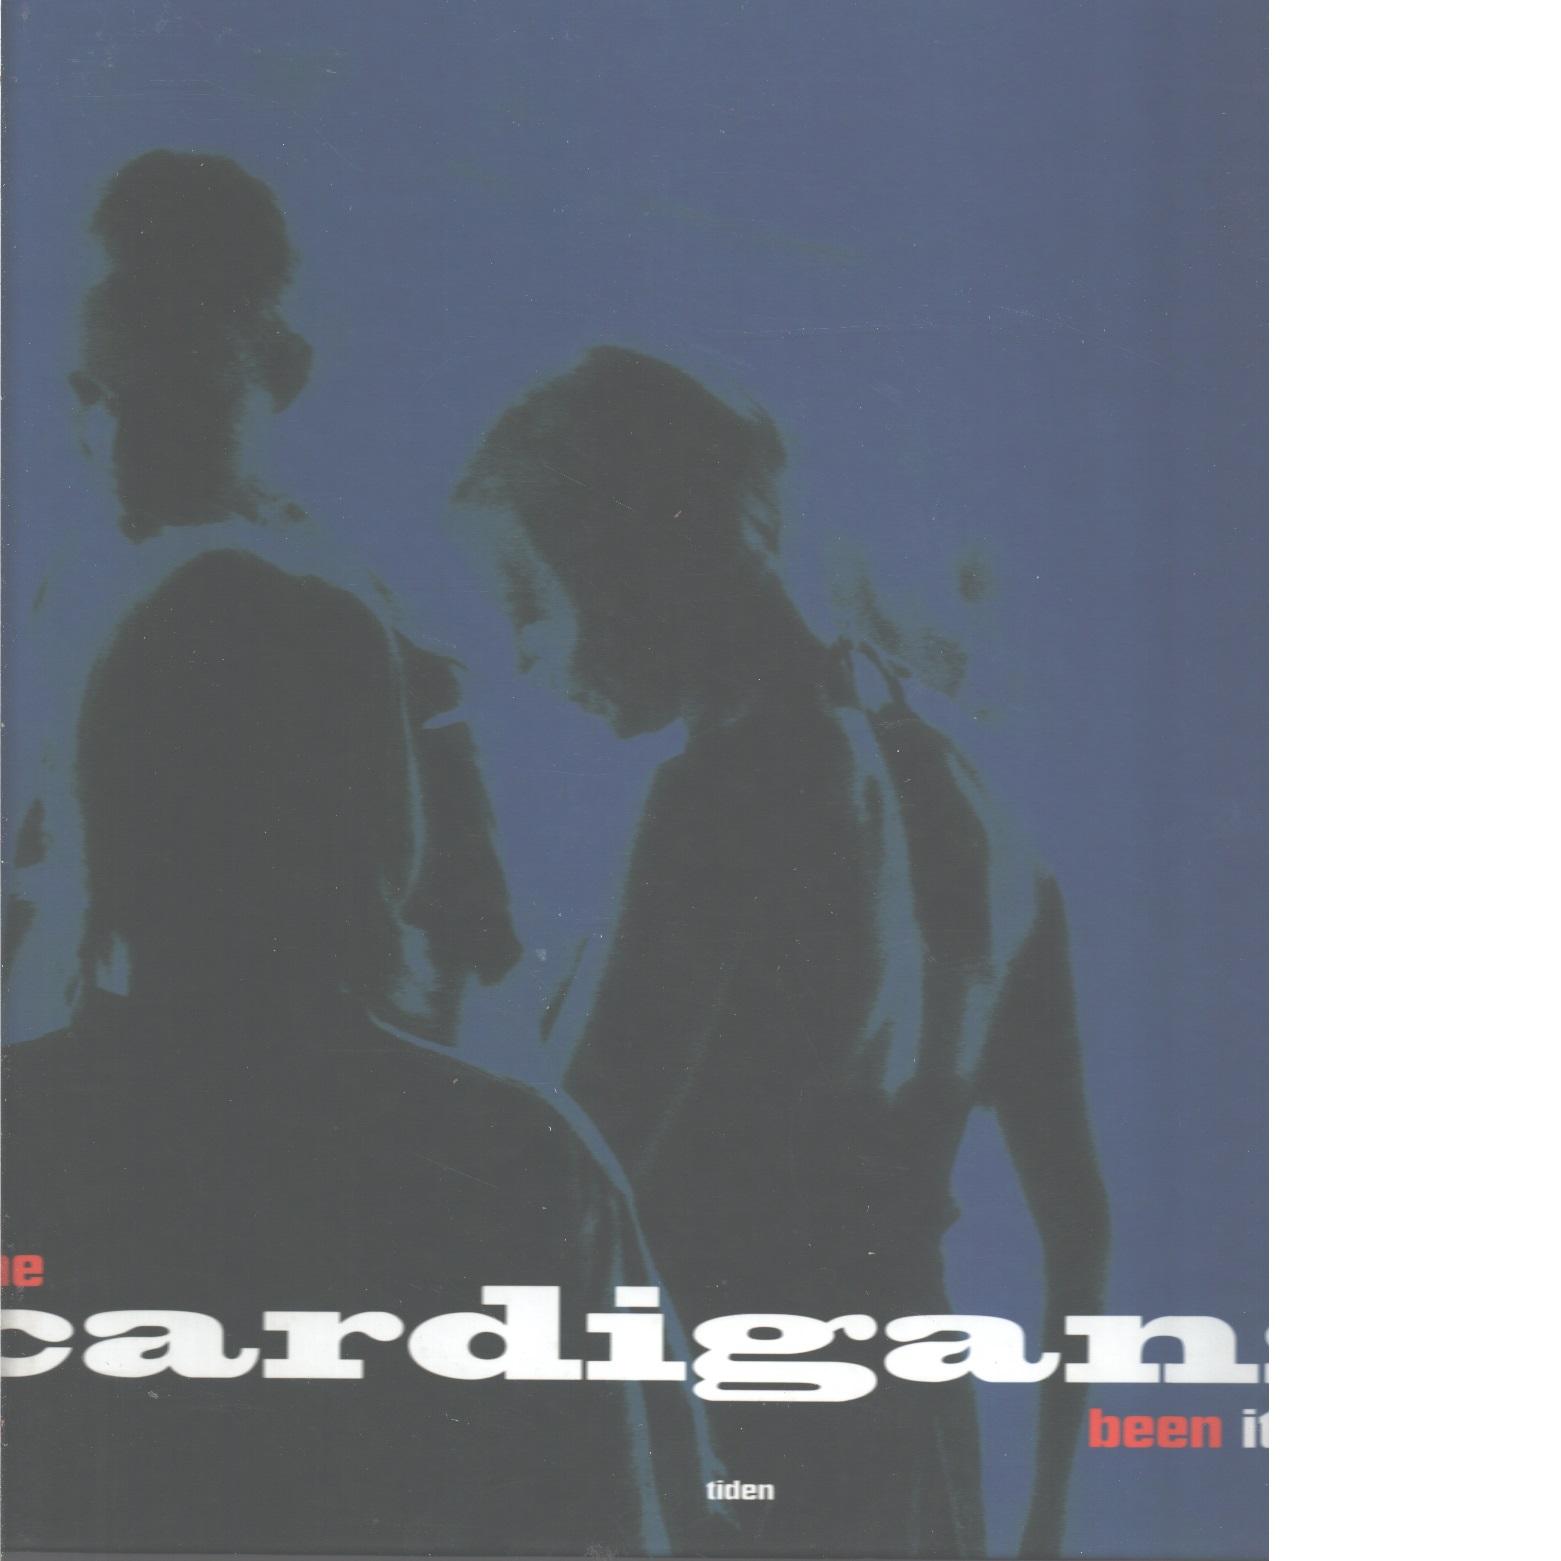 The Cardigans : been it - Bogren, Martin och Theander, Martin samt  Triumf, Kristoffer